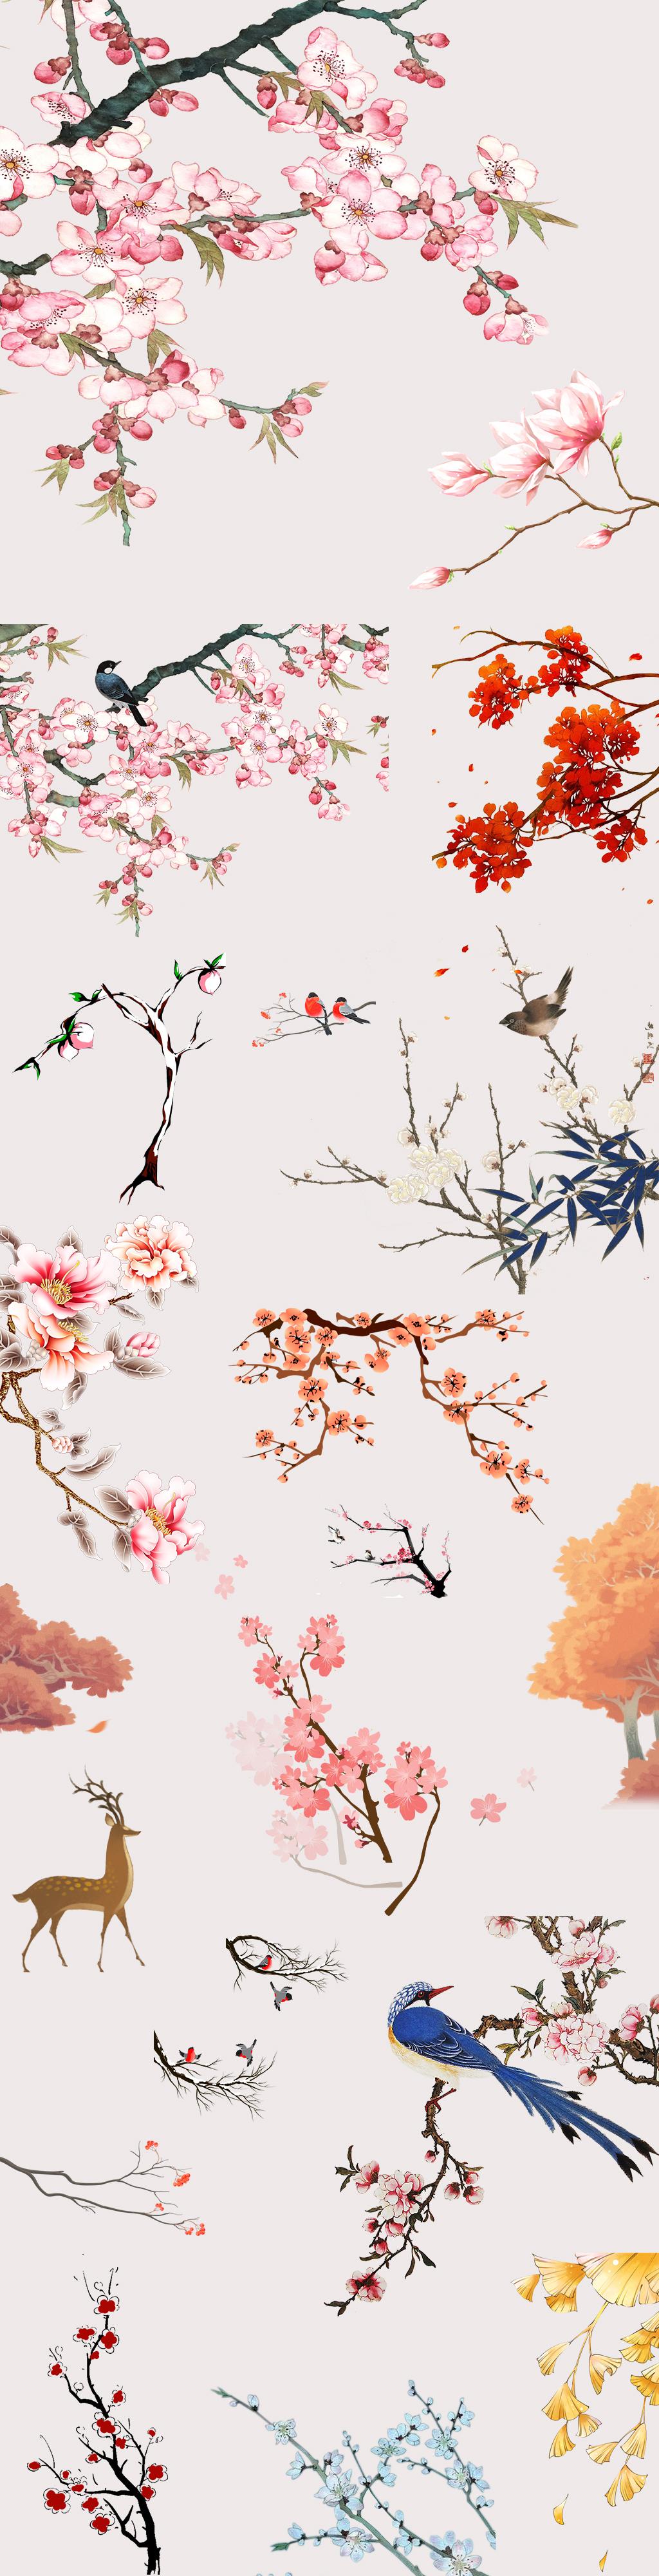 中国风手绘花鸟植物素材png集合图片设计素材_高清psd